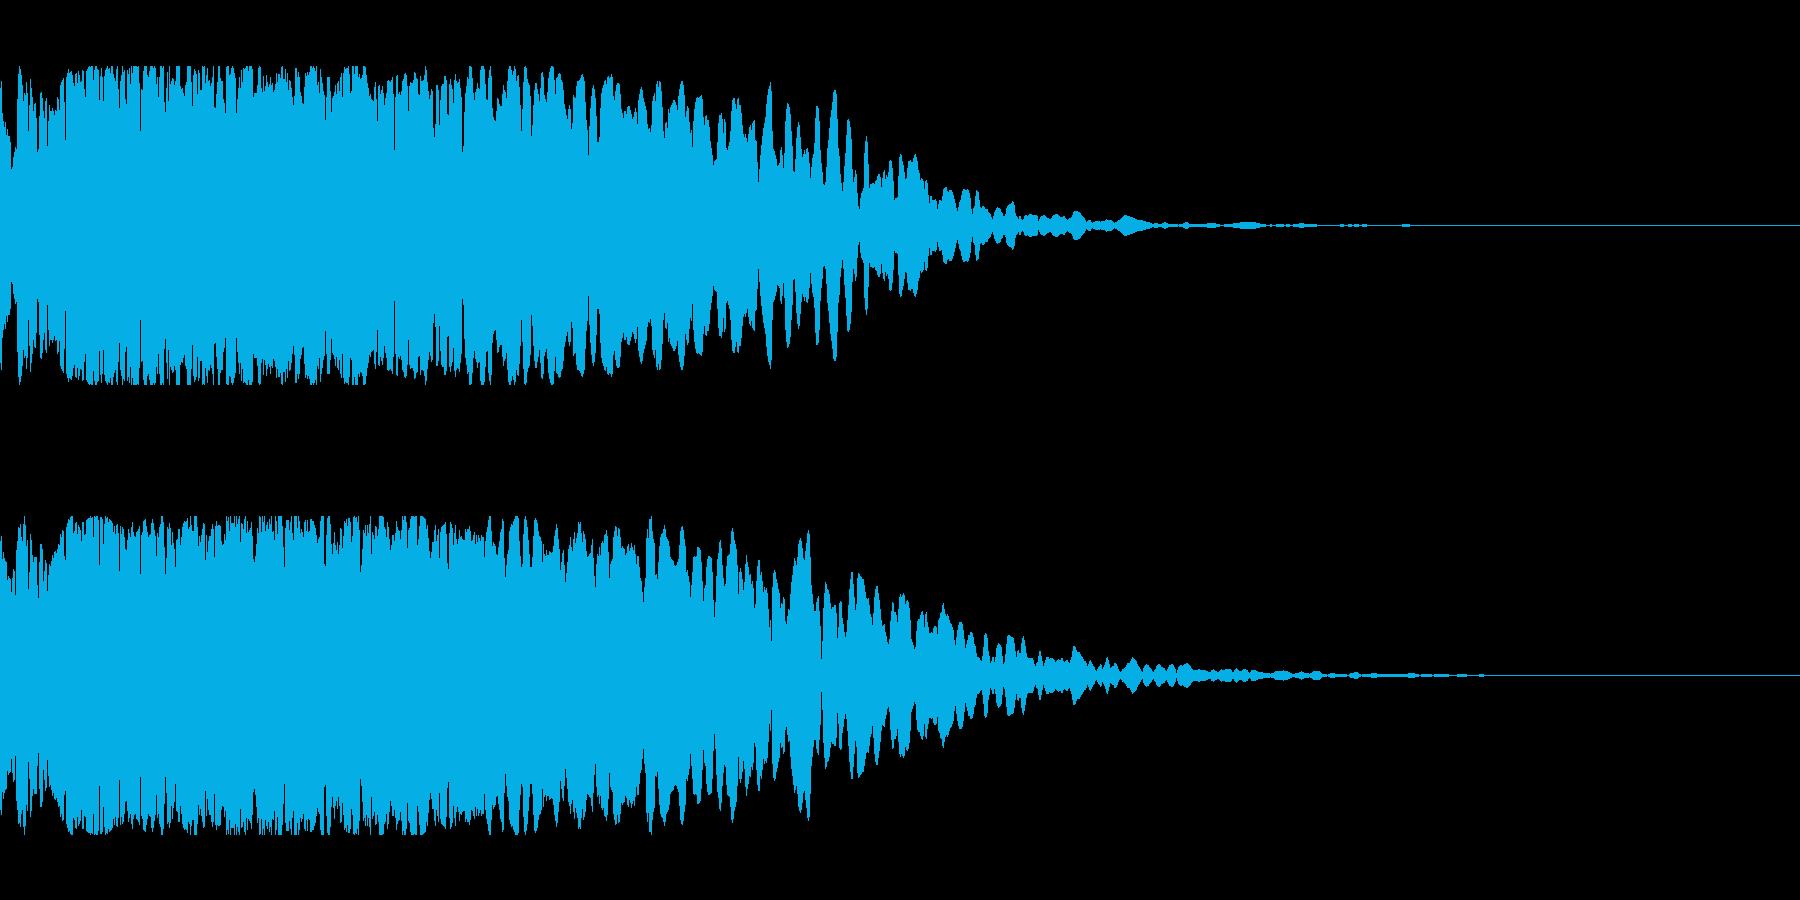 キュイーン・シャキーン(鋭い光線)の再生済みの波形